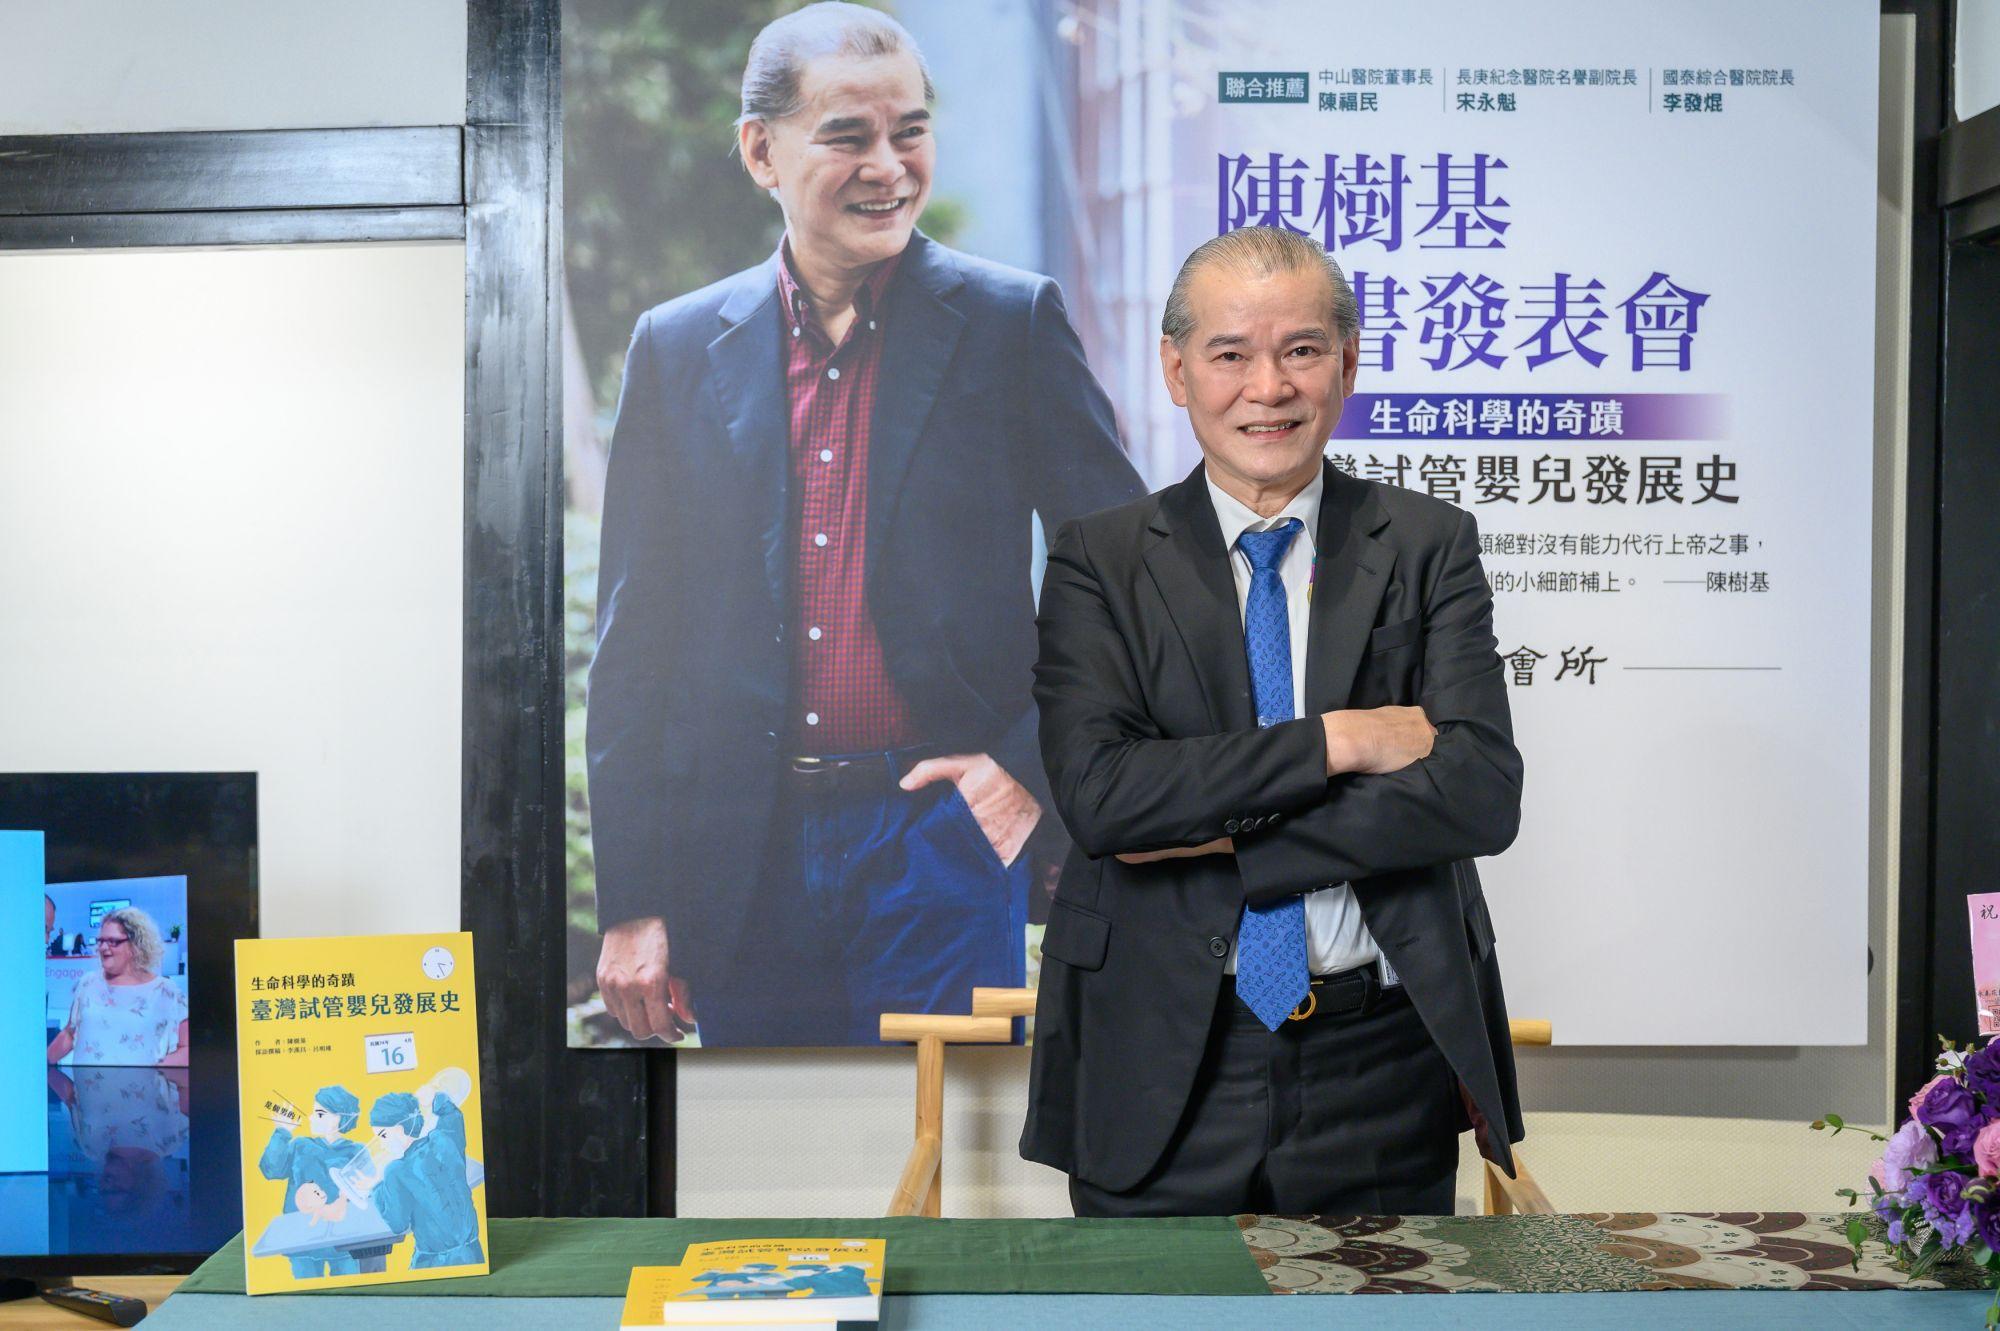 台灣生殖醫學權威陳樹基醫師:「35年前的這個時候,全台第一個試管嬰兒誕生了!」